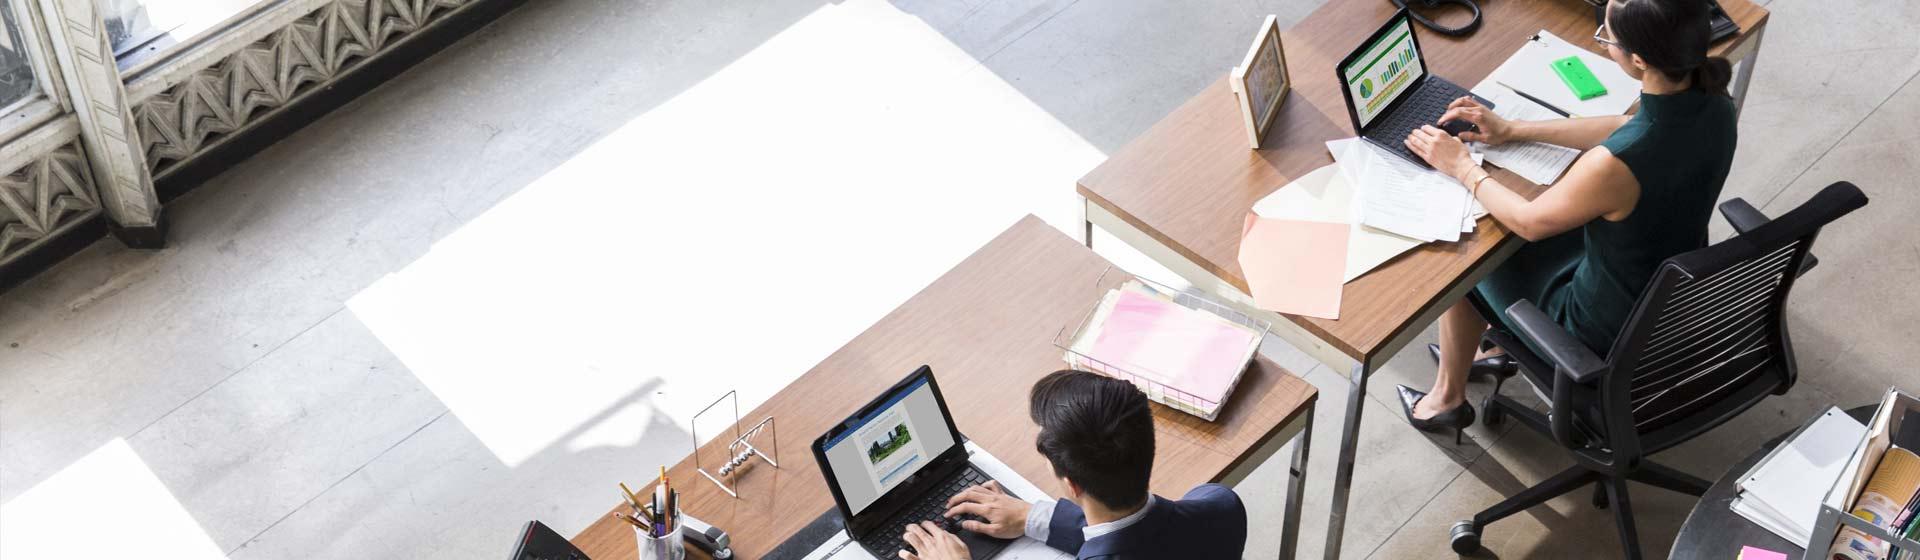 Få ut mer – uppgradera från Office 2013 till Office 365 i dag